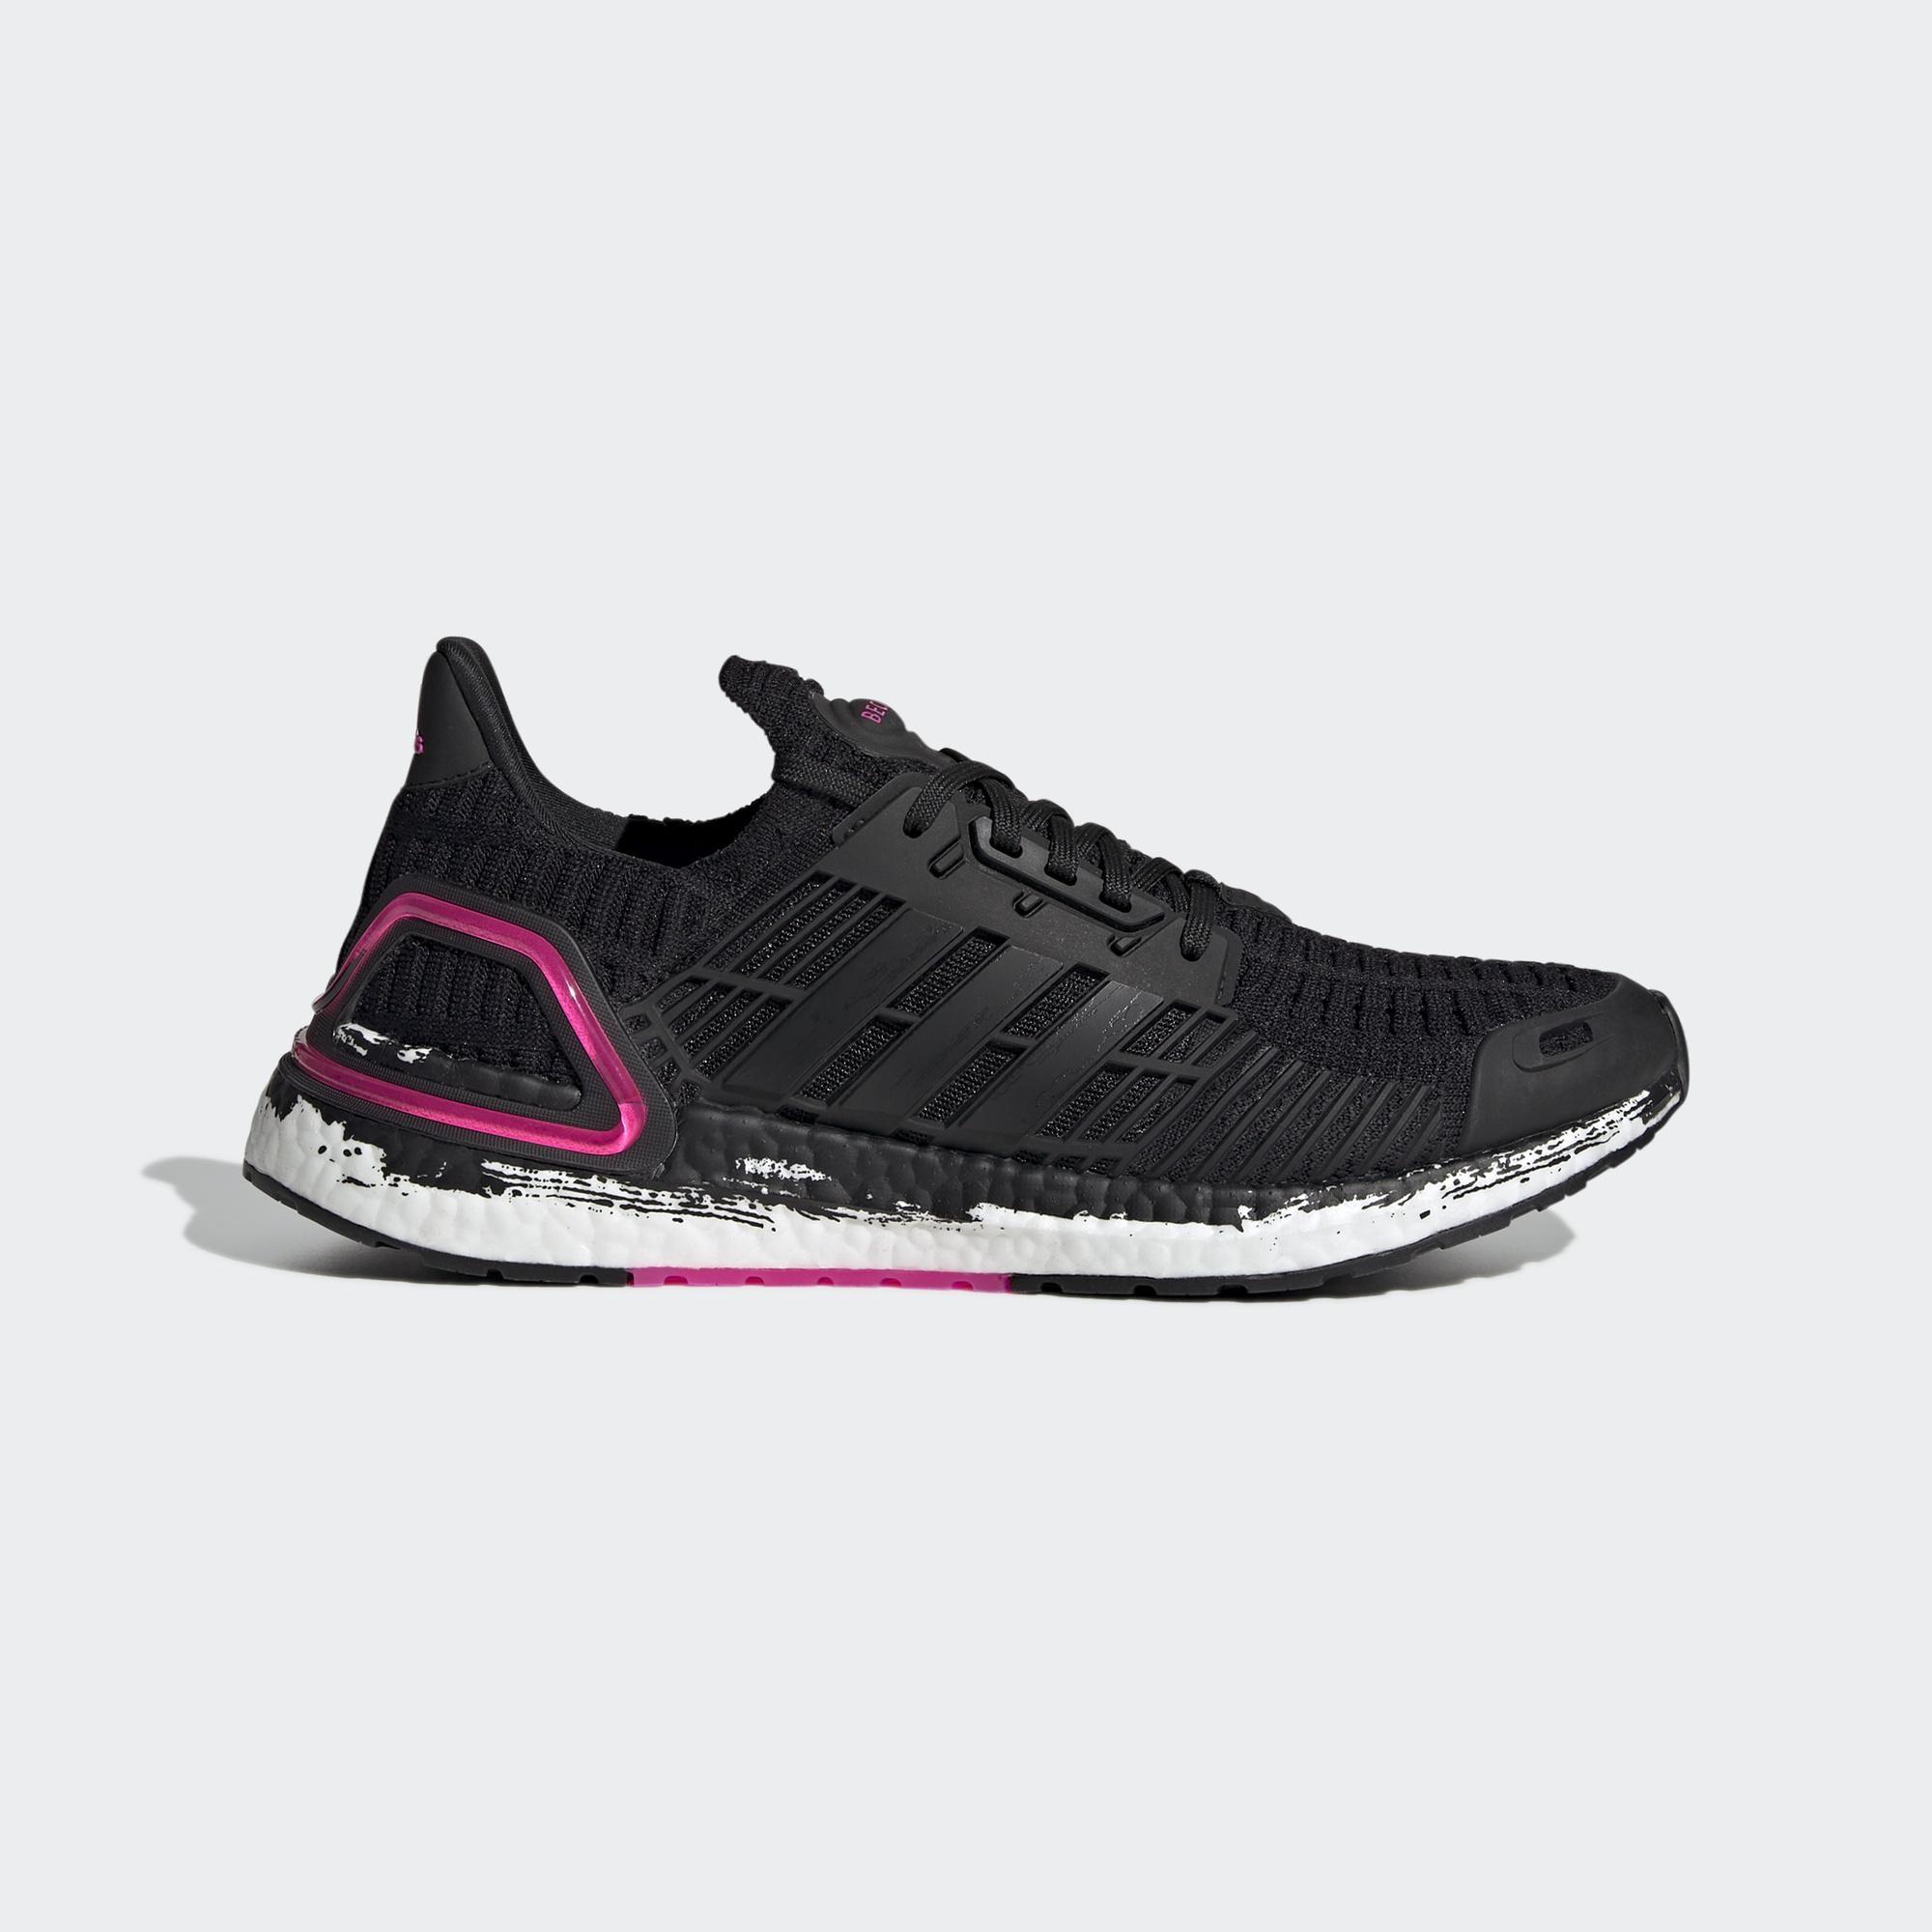 ADIDAS ULTRABOOST CC_1 DNA X BECKHAM 男女 慢跑鞋 黑粉